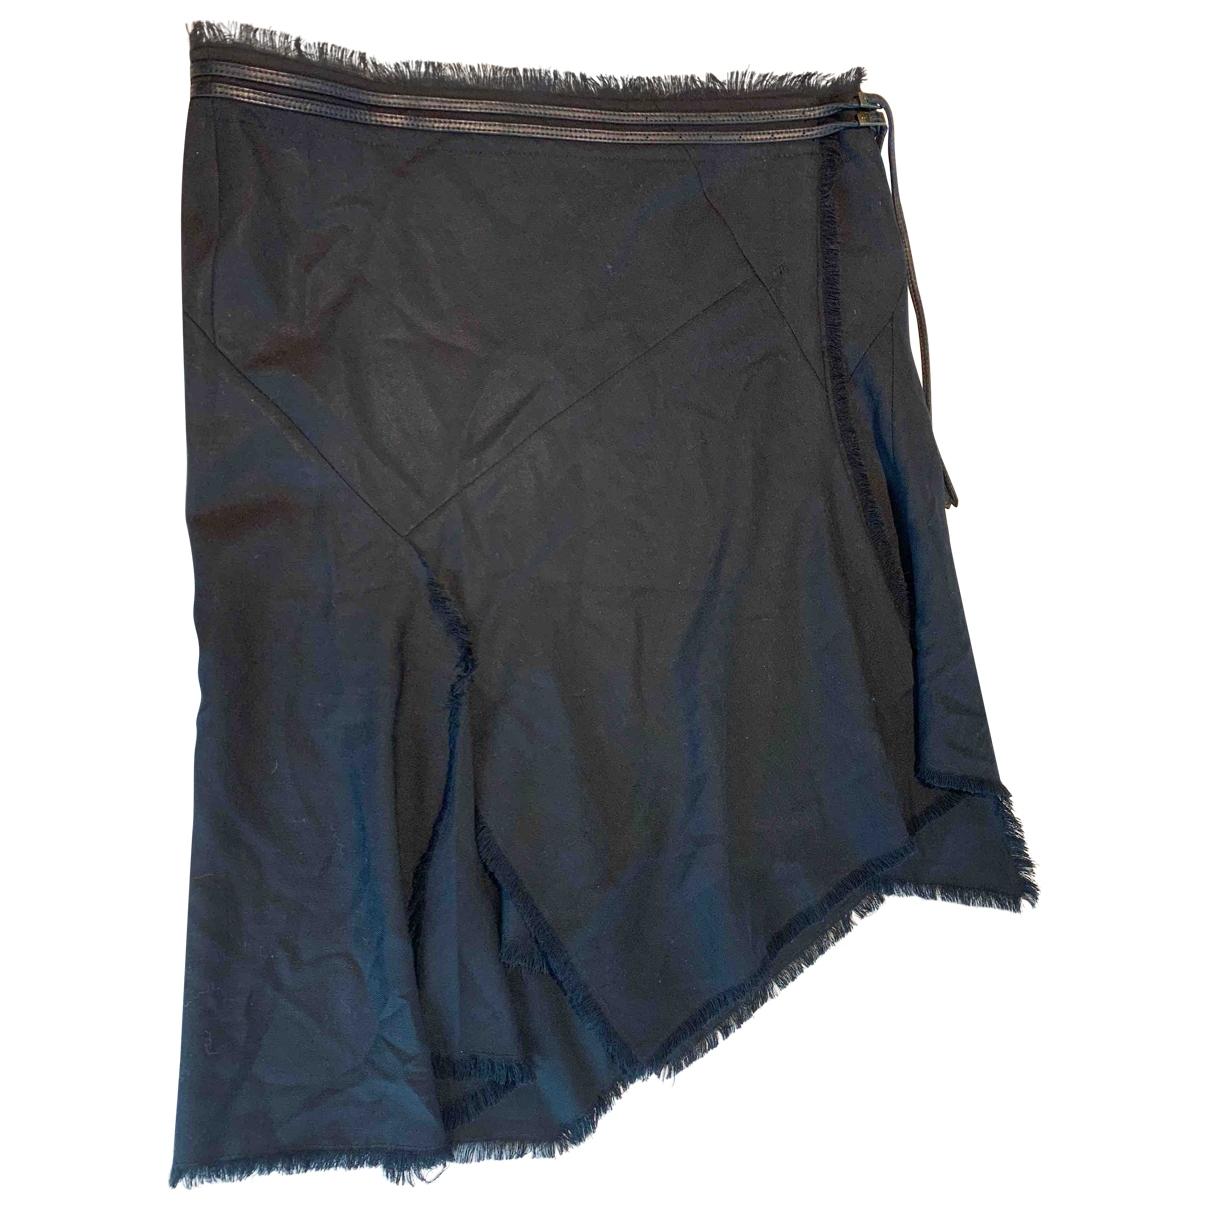 Scanlan & Theodore \N Black Wool skirt for Women 10 US